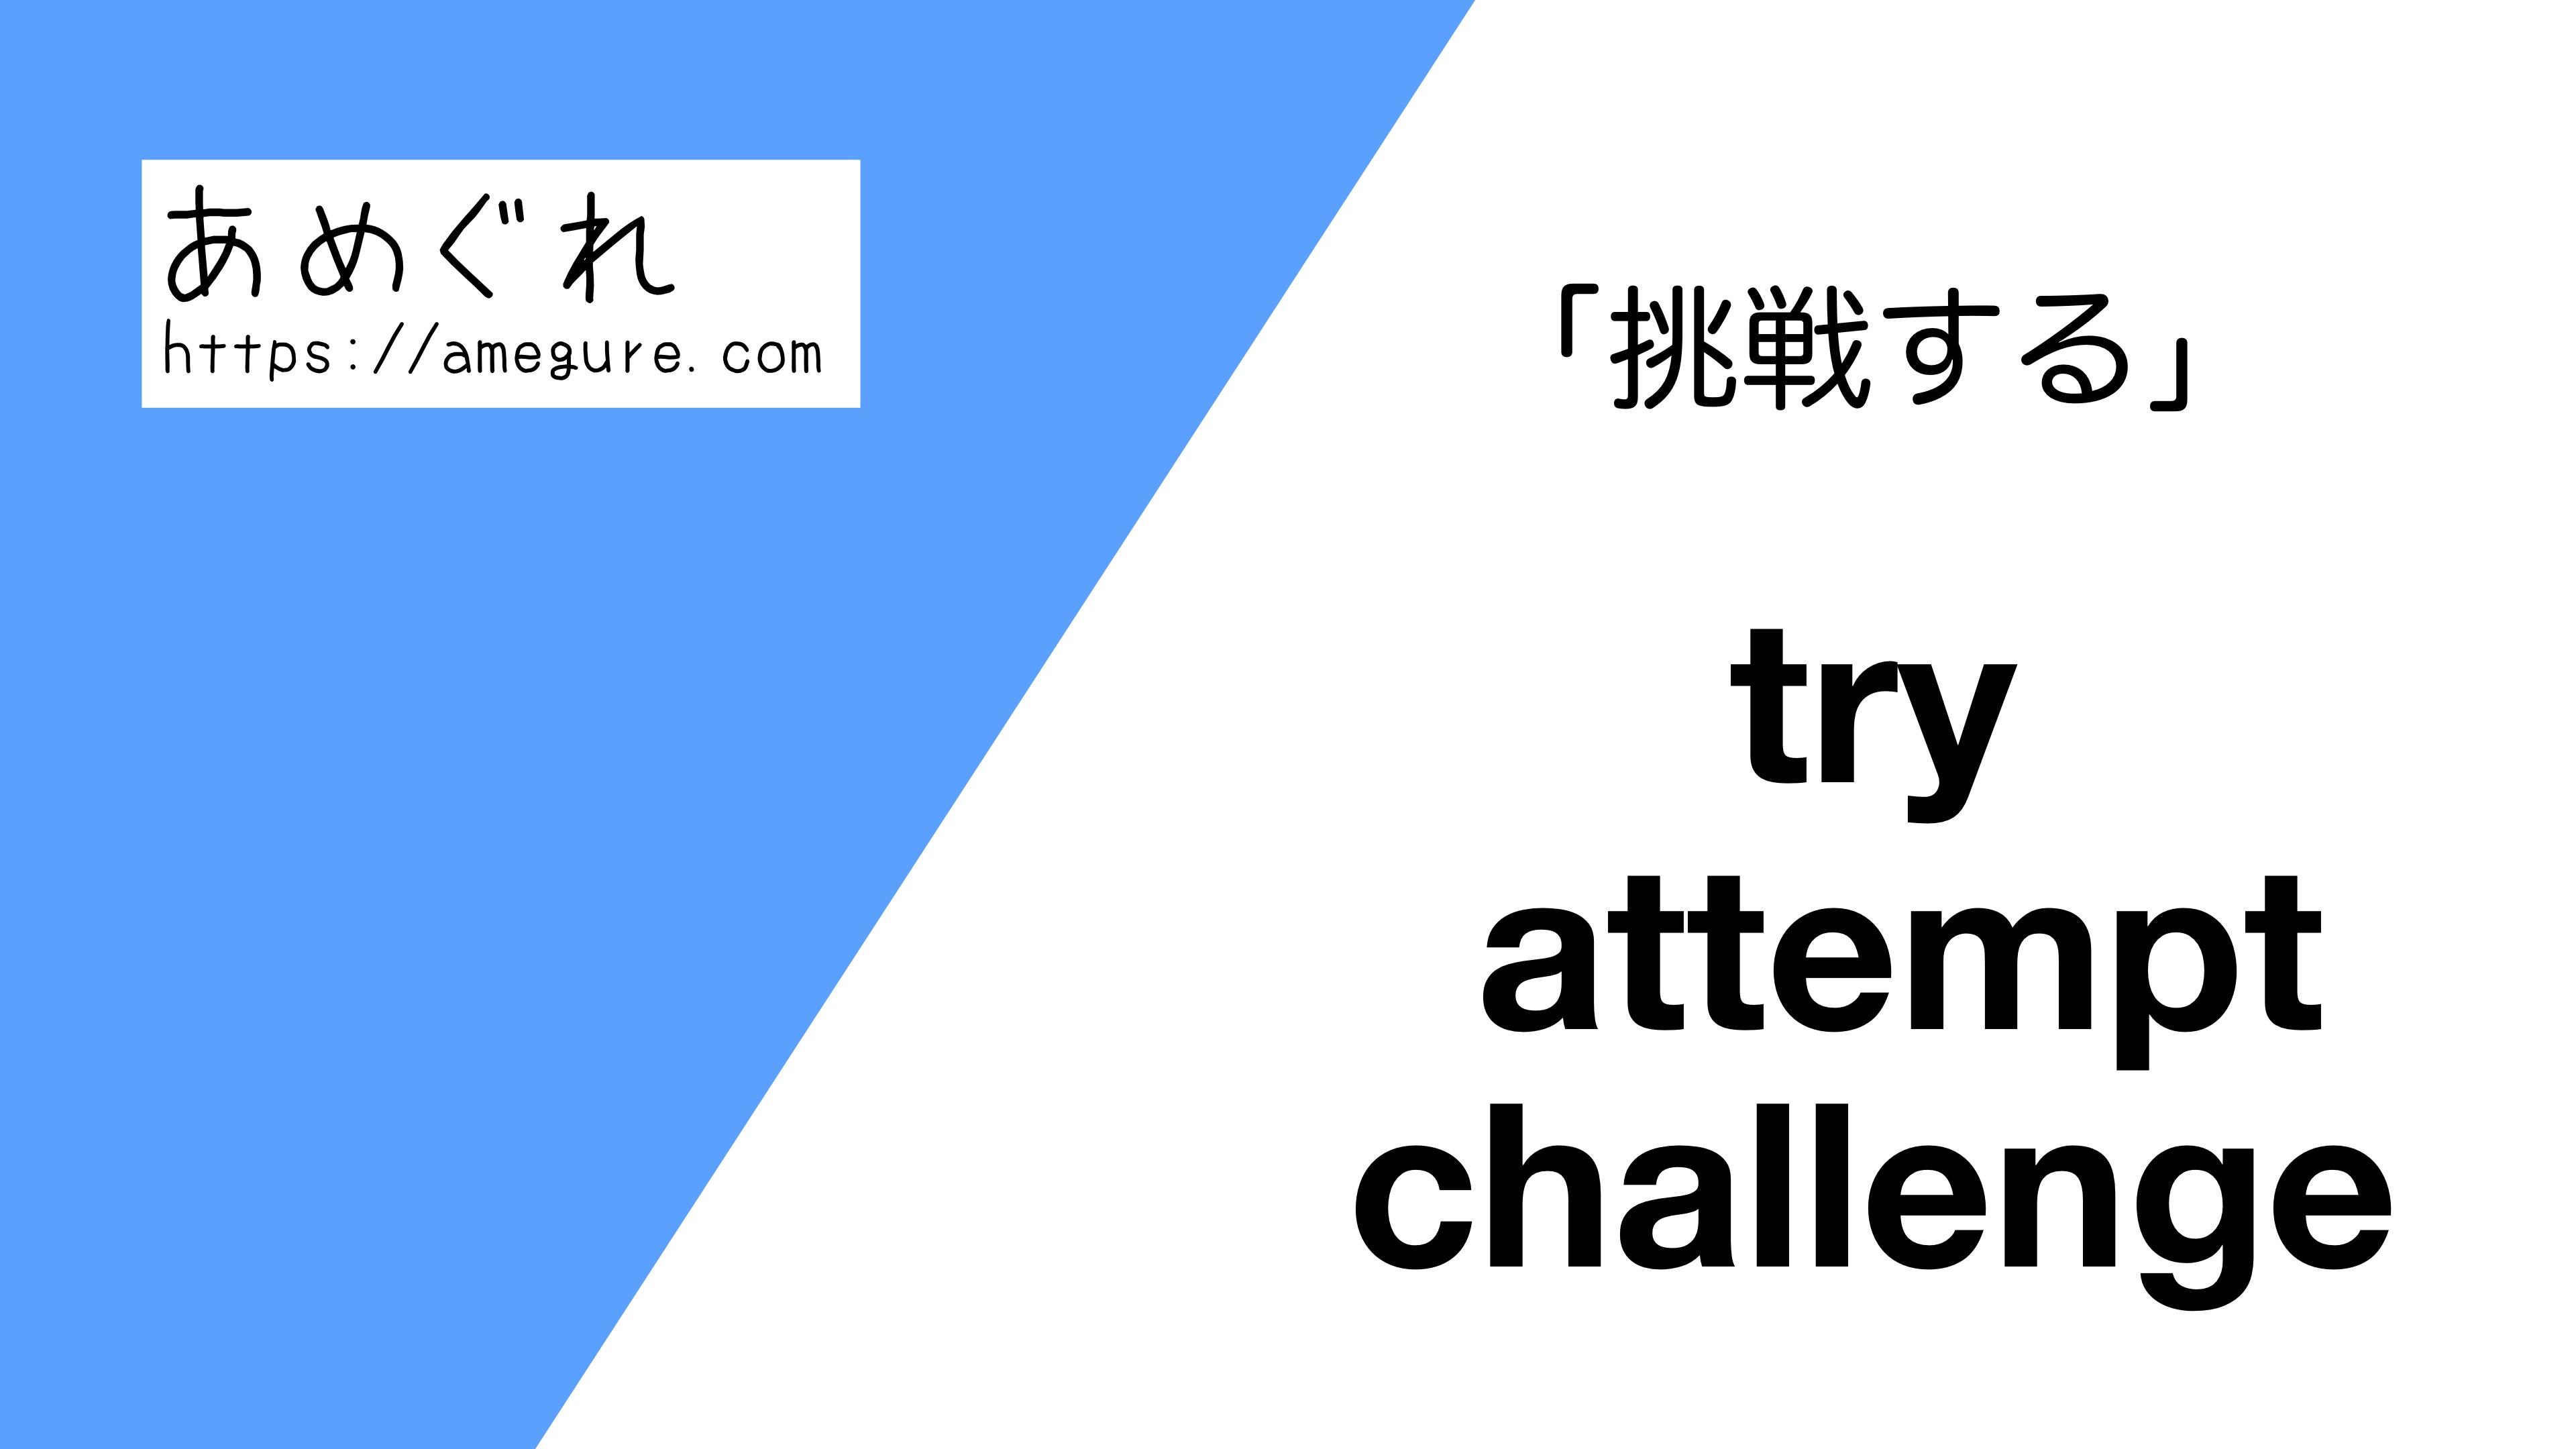 英語】try/attempt/challenge(挑戦する)の意味の違いと使い分け